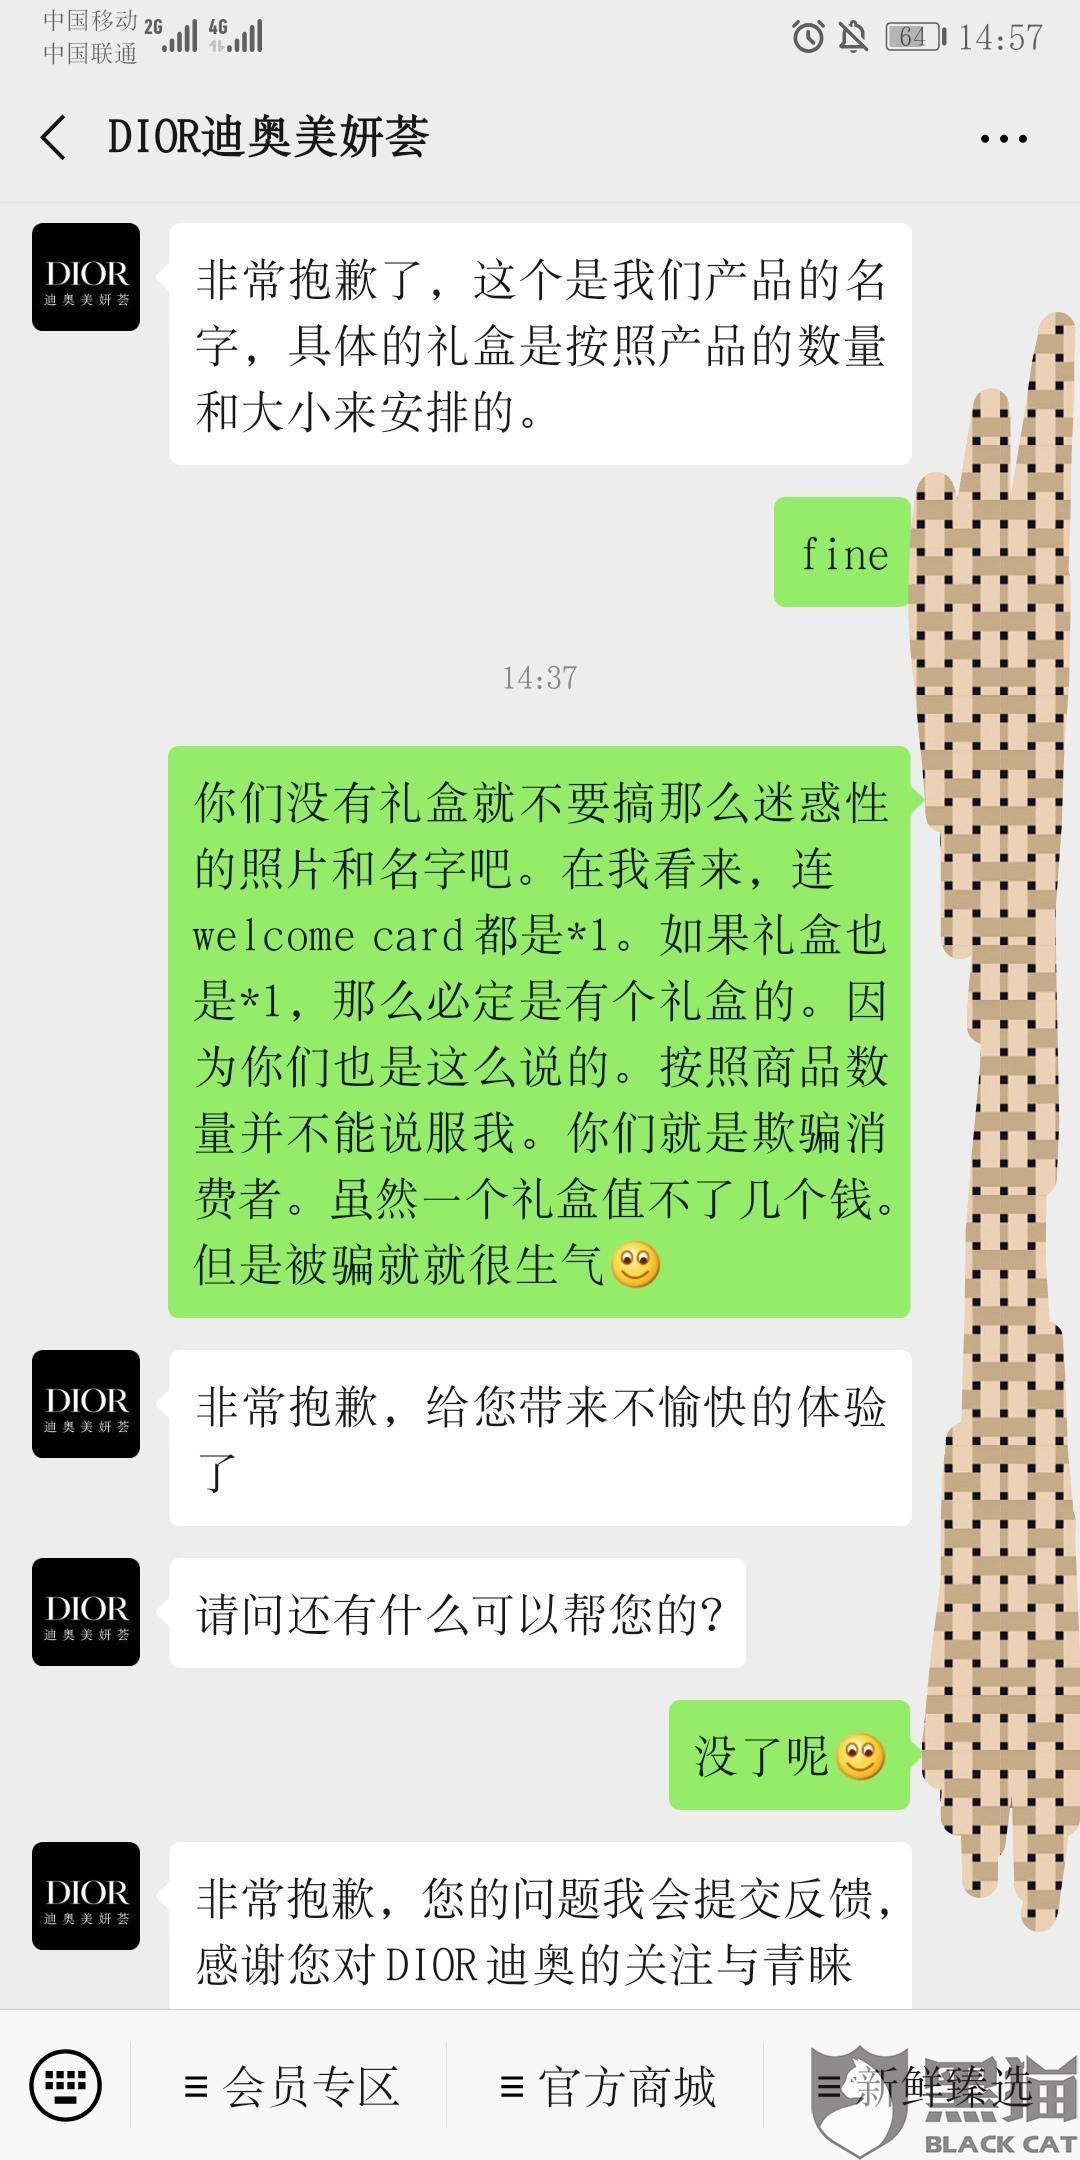 消费者质疑迪奥中国官网礼盒装产品虚假宣传 Dior(迪奥):已道歉